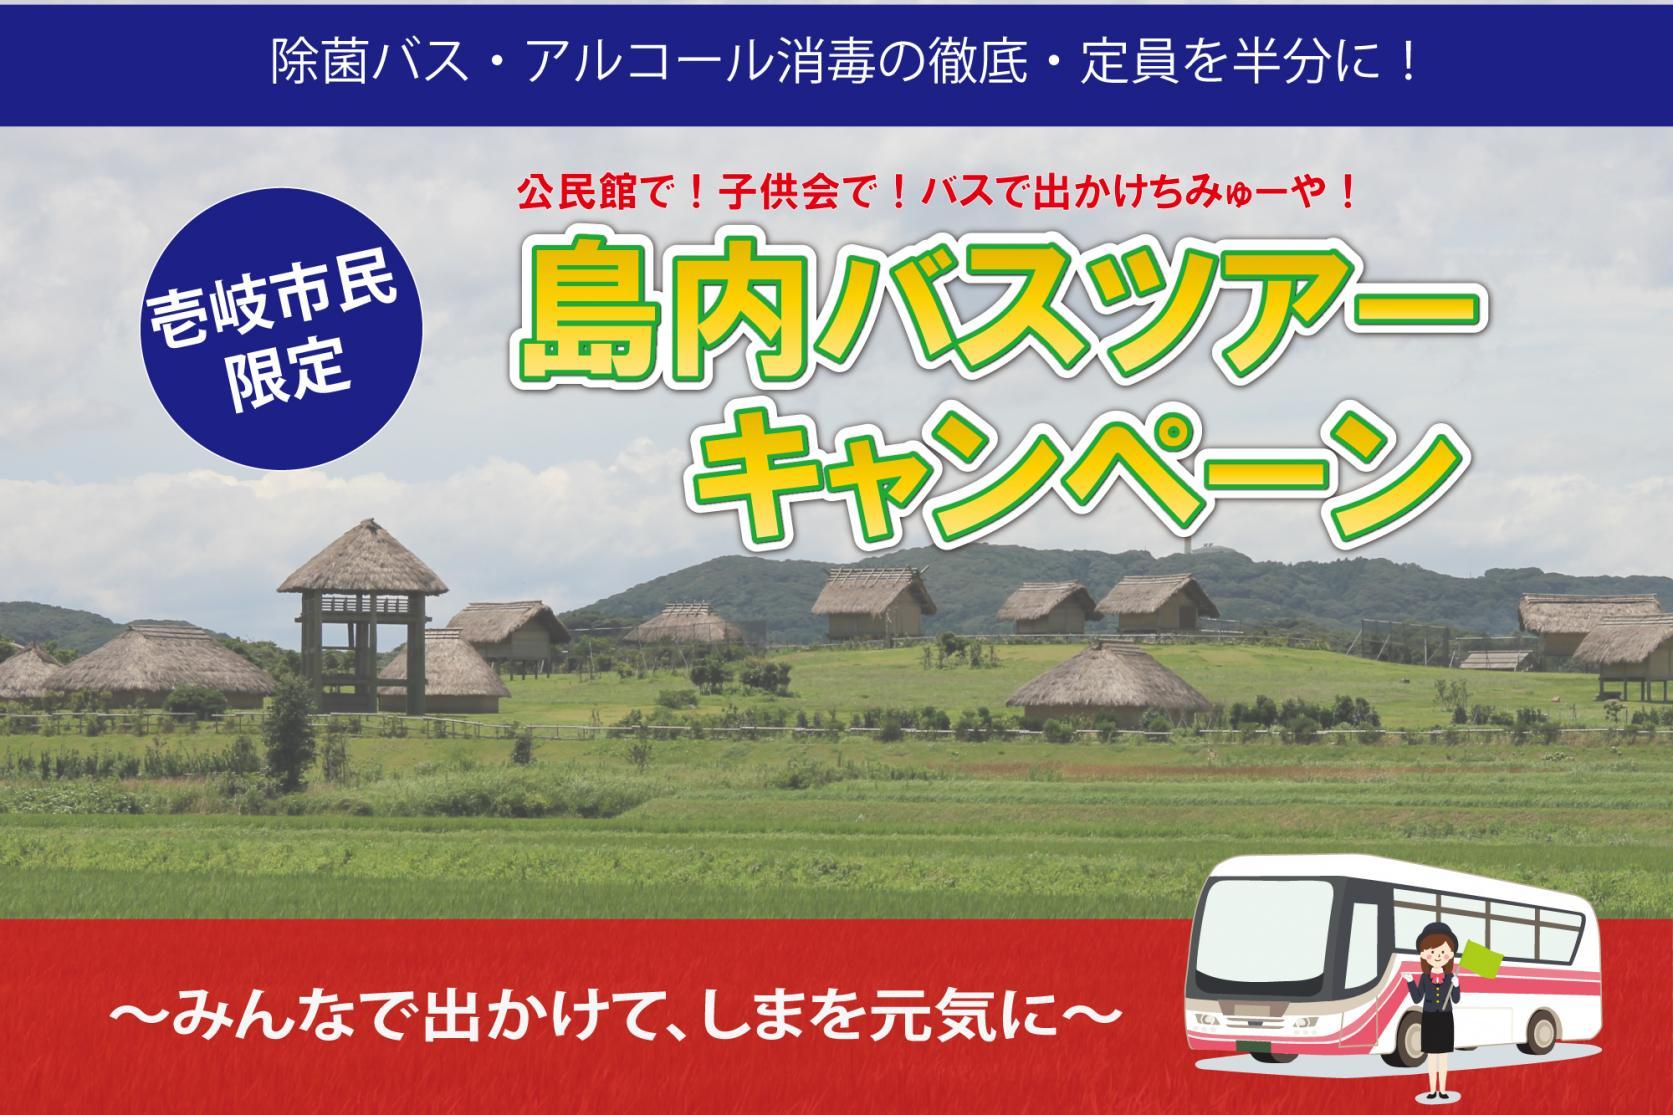 壱岐市民限定 島内バスツアーキャンペーン-0